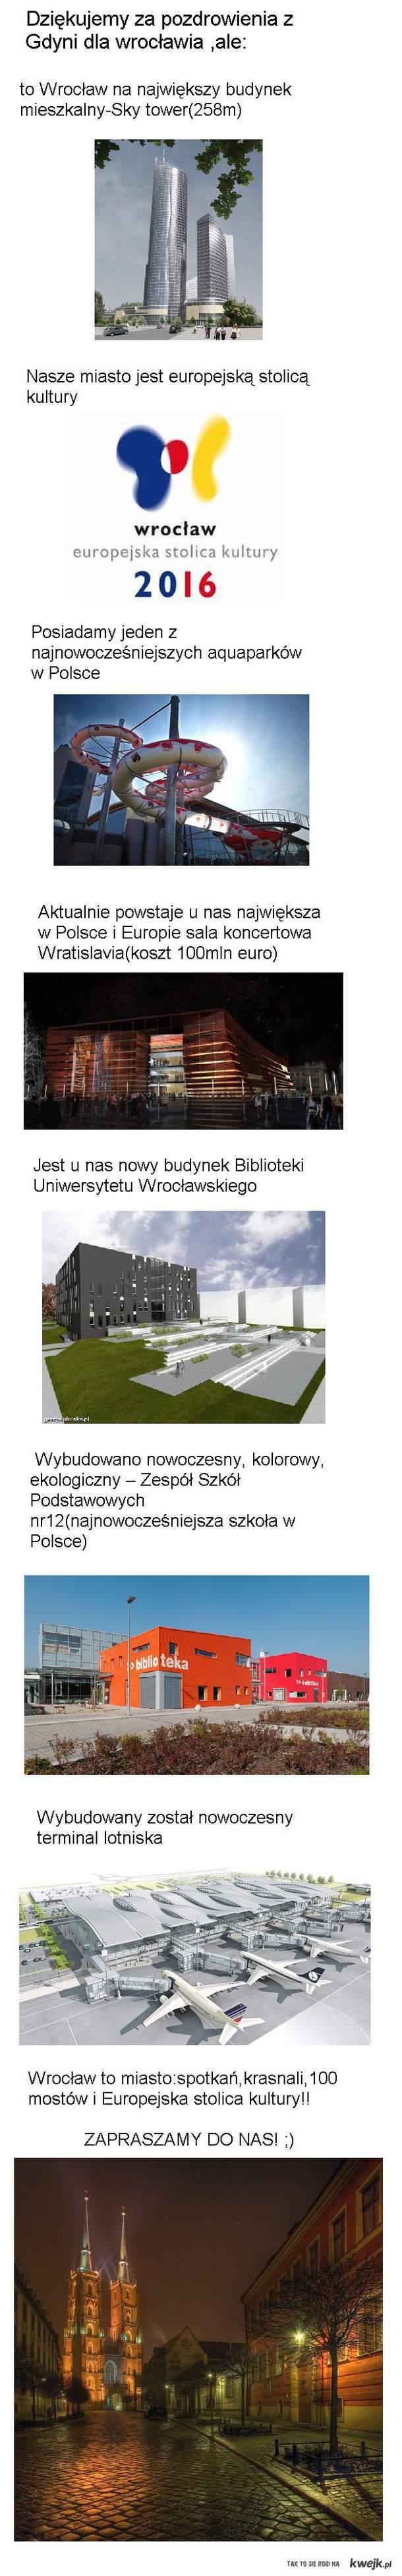 Wrocław-miasto zmysłów